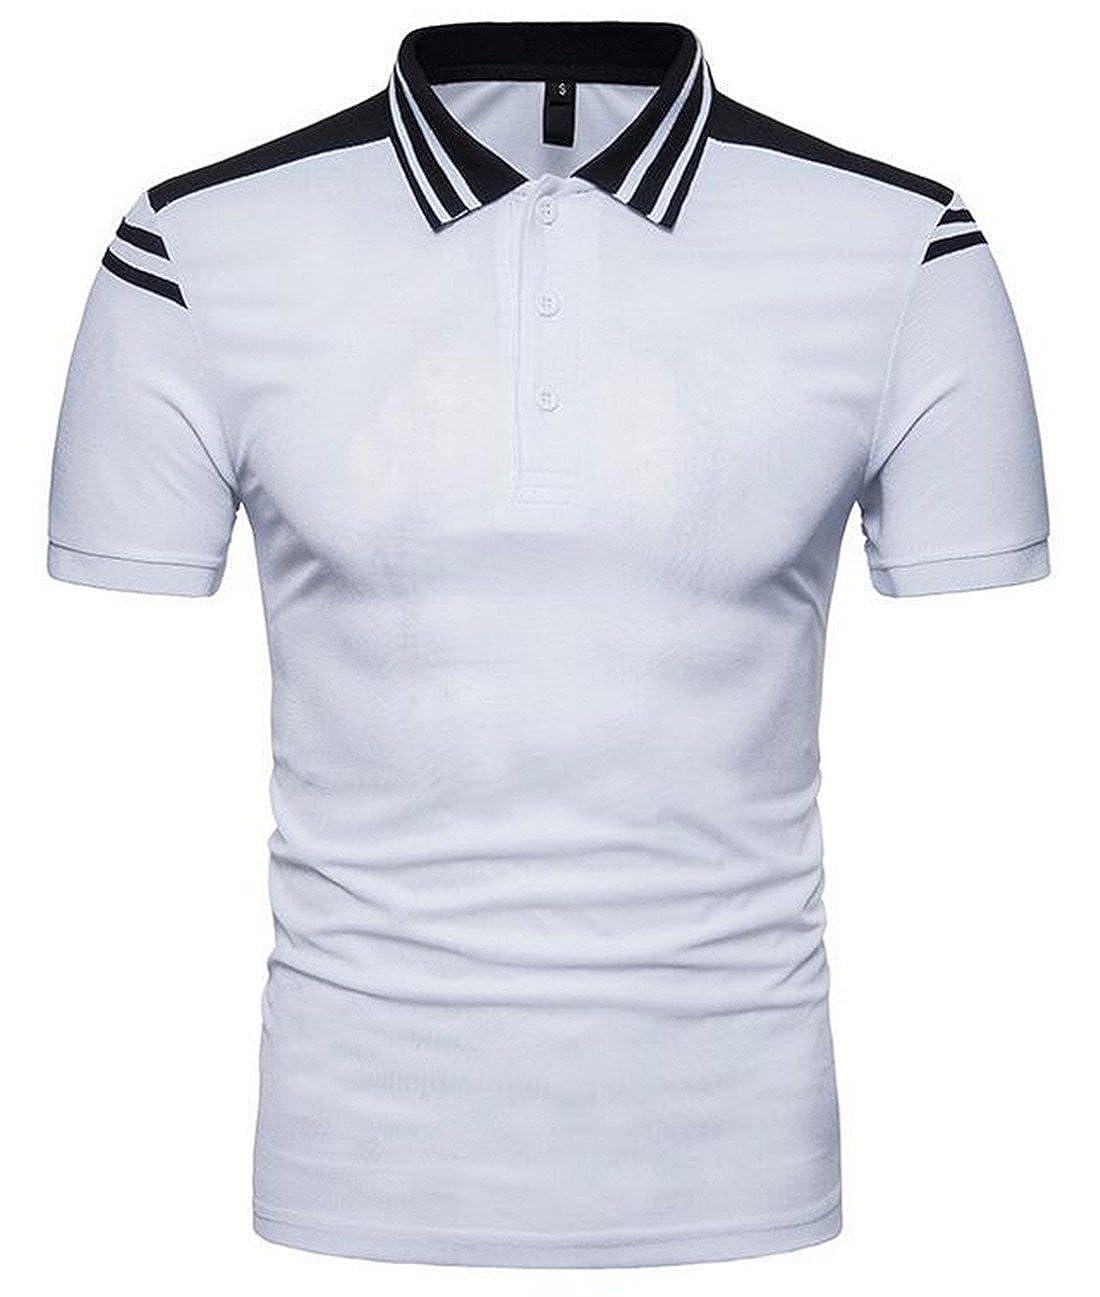 XiaoTianXin-men clothes XTX Mens Short Sleeve Cotton Patchwork Button Top Polo Shirts